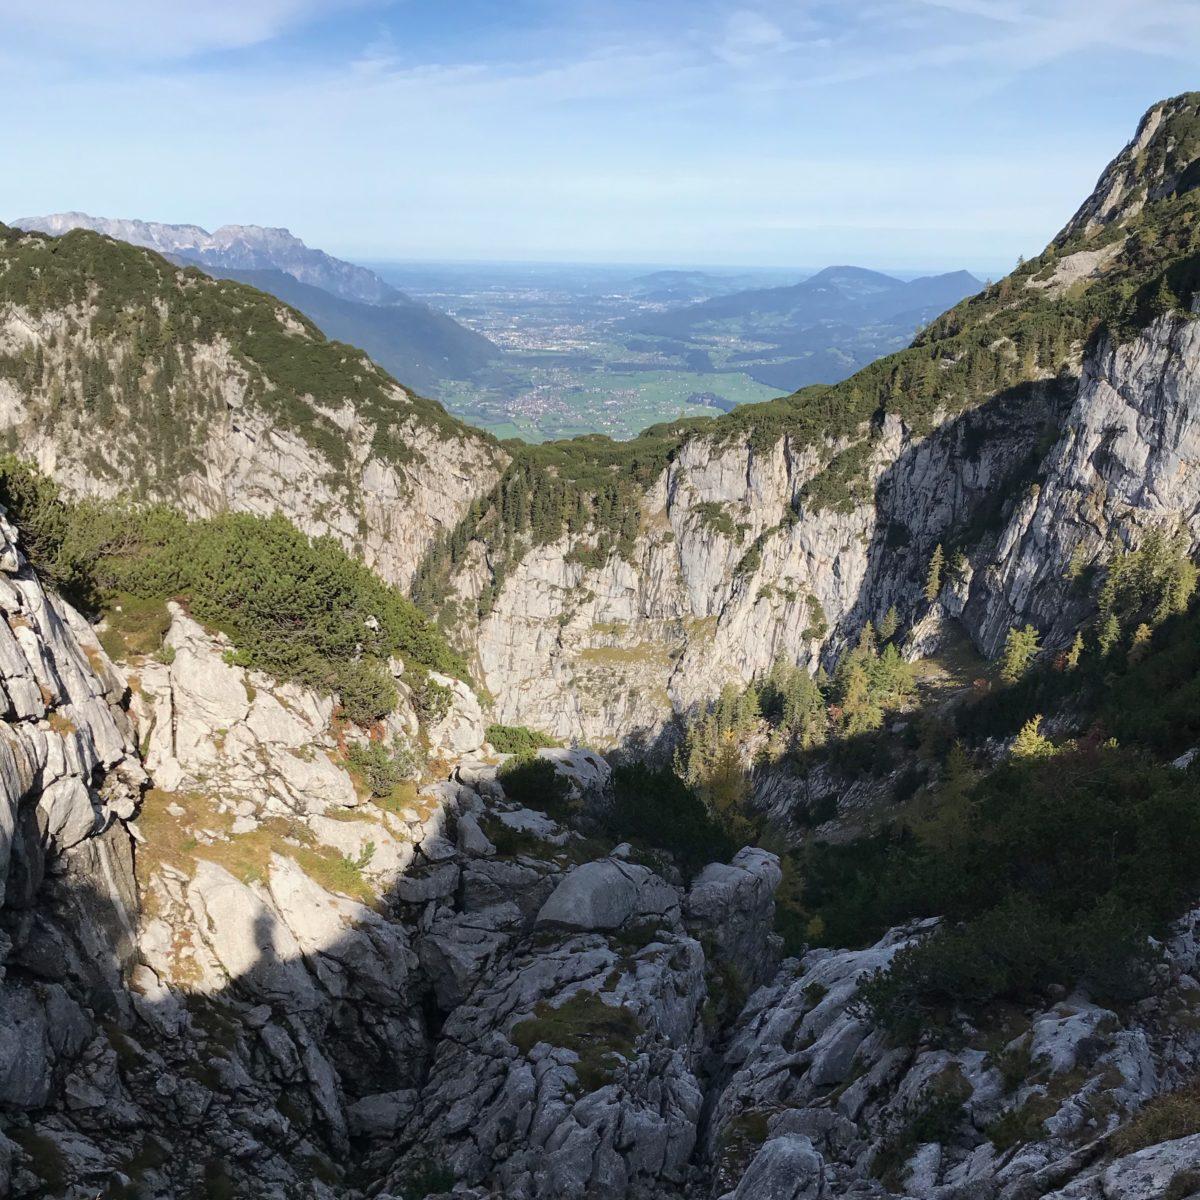 Ausblick ins Salzburger Land und auf die erste Steilstufe